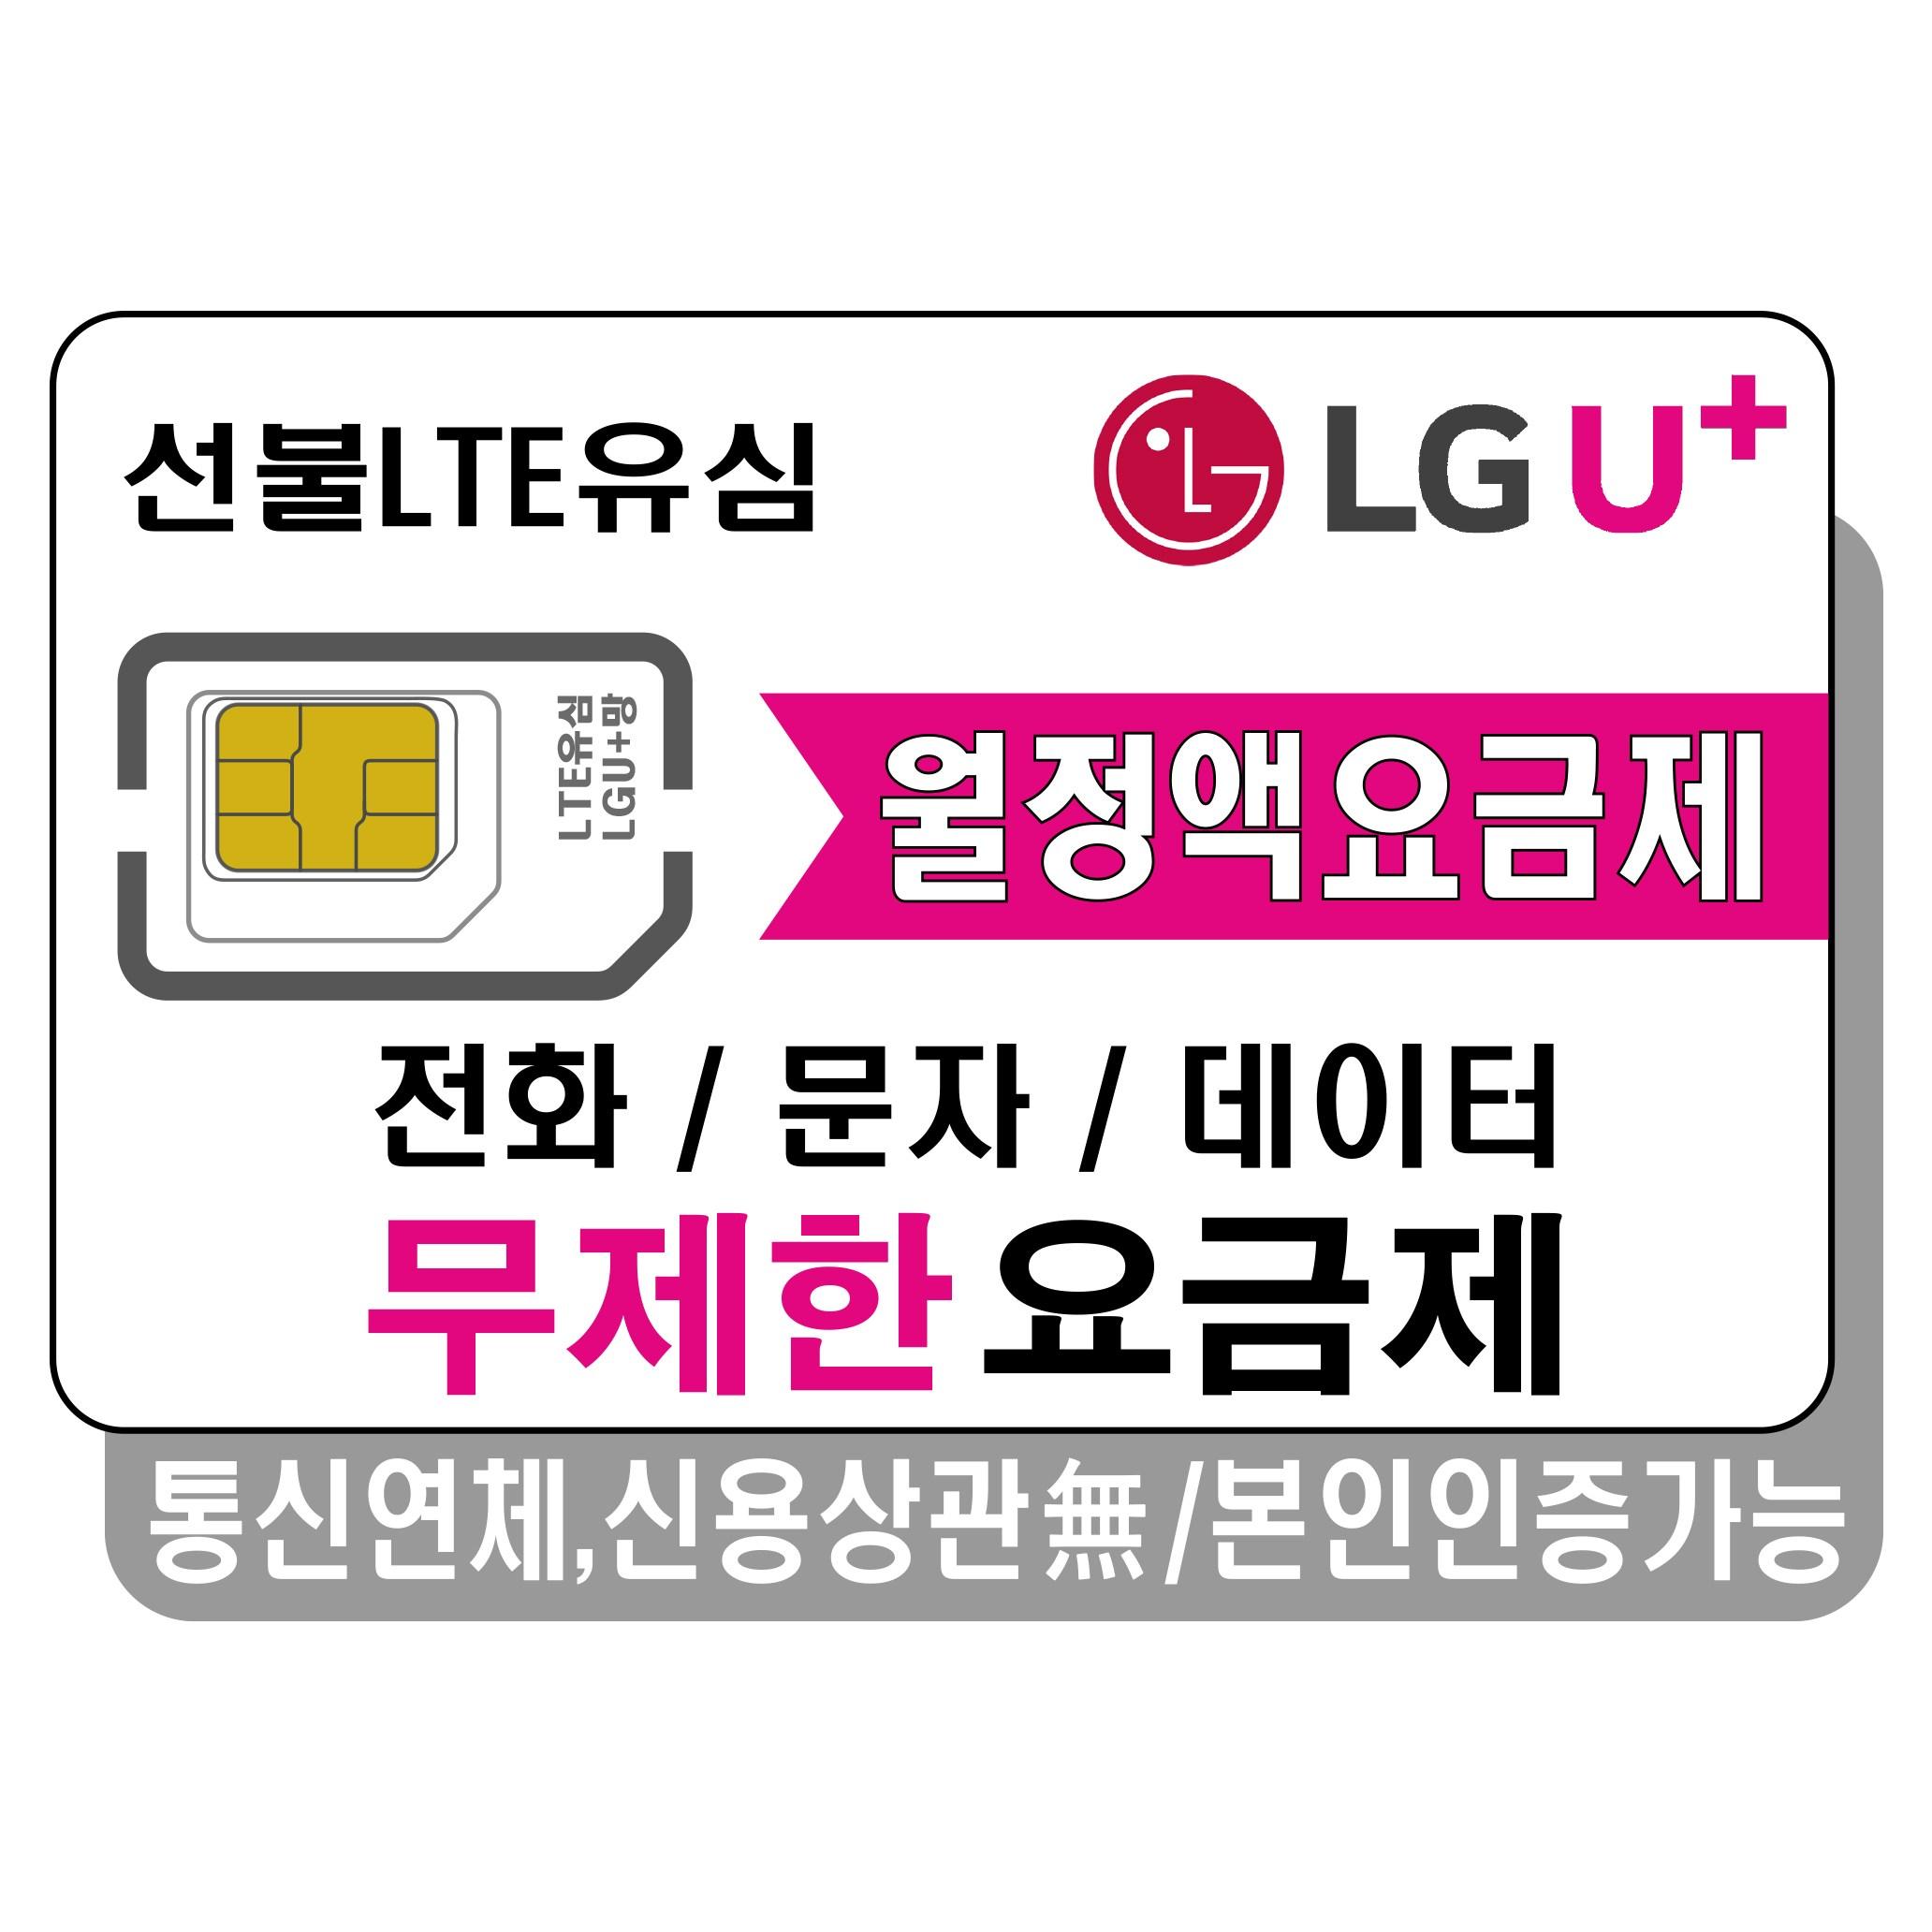 프렌즈모바일 LGU+선불폰 무제한 요금제 선불유심 유심개통, 선불데이터300M, 1개